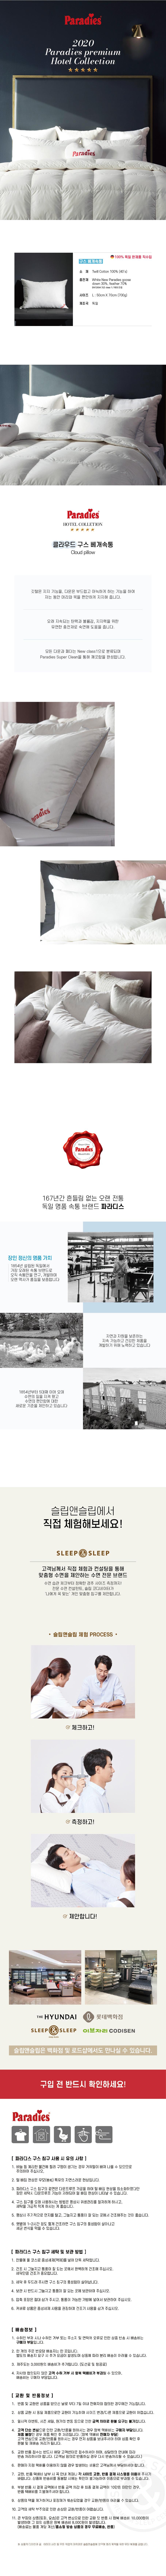 2020파라디스_웹기술서_베개단품_저용량.jpg